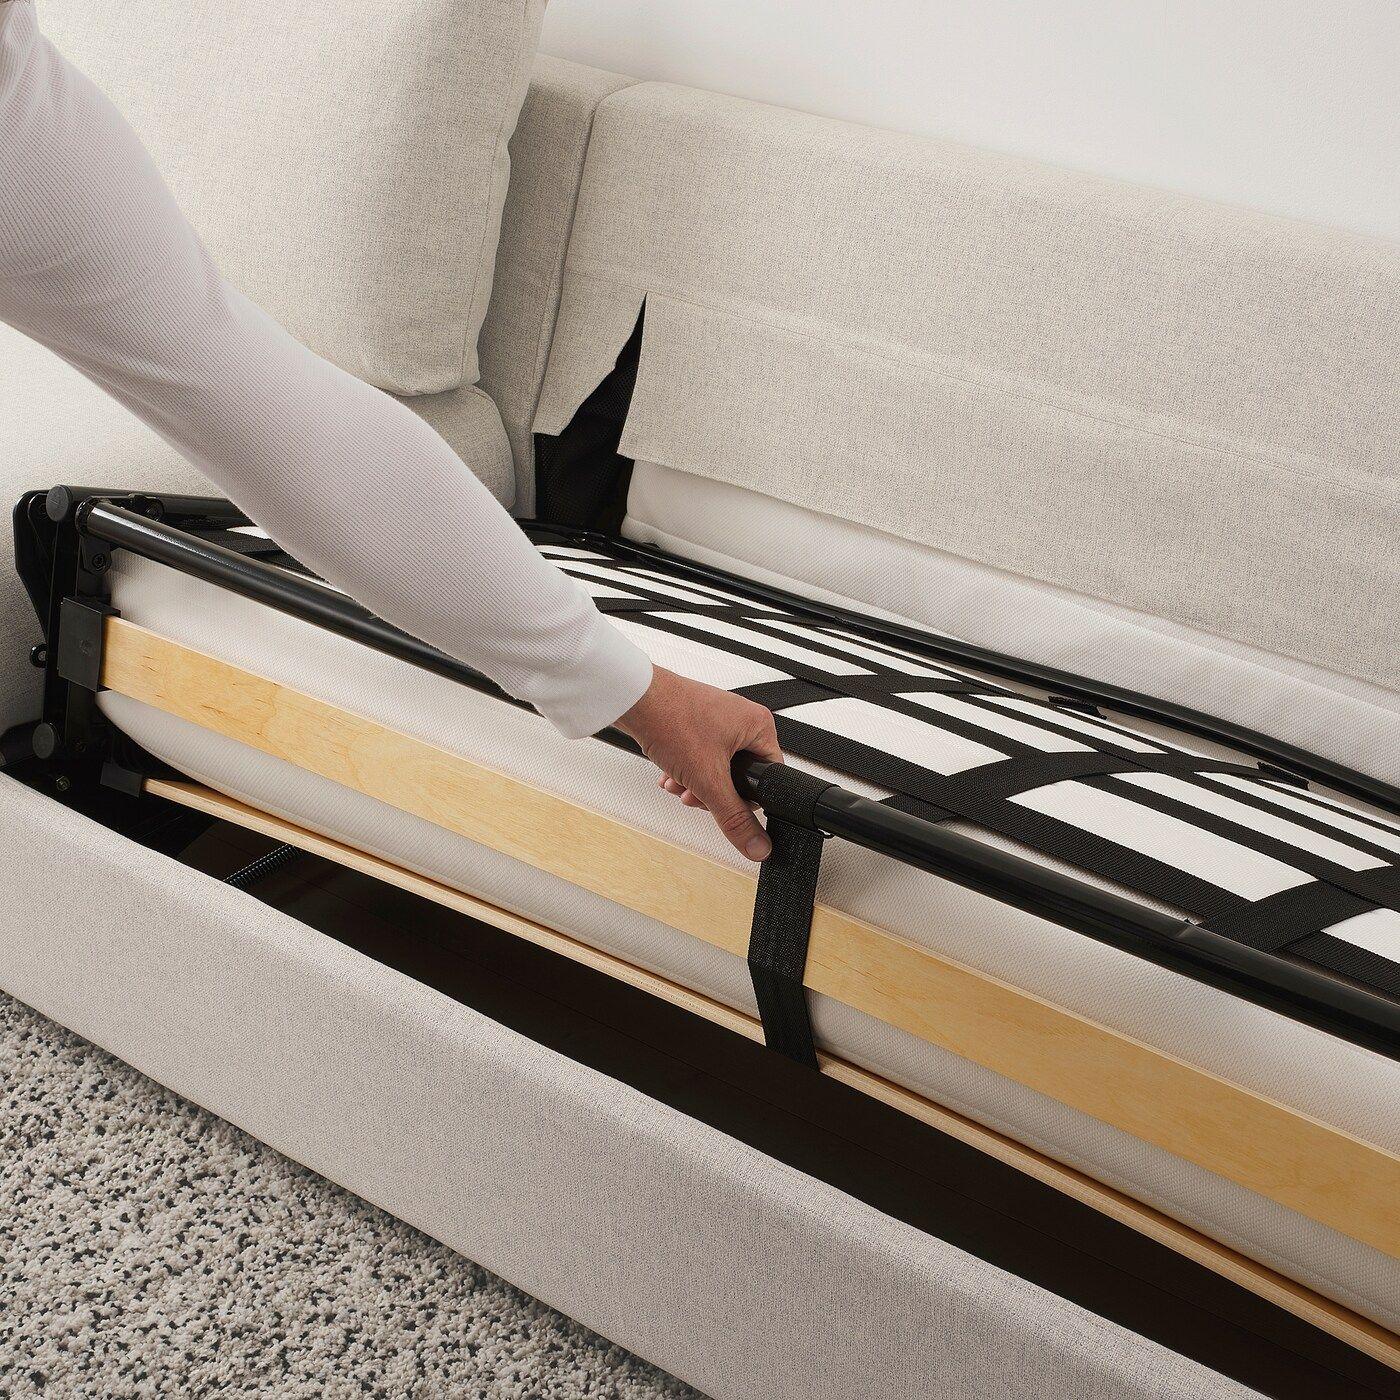 VIMLE 5er Eckbettsofa mit Récamiere, Gunnared beige IKEA